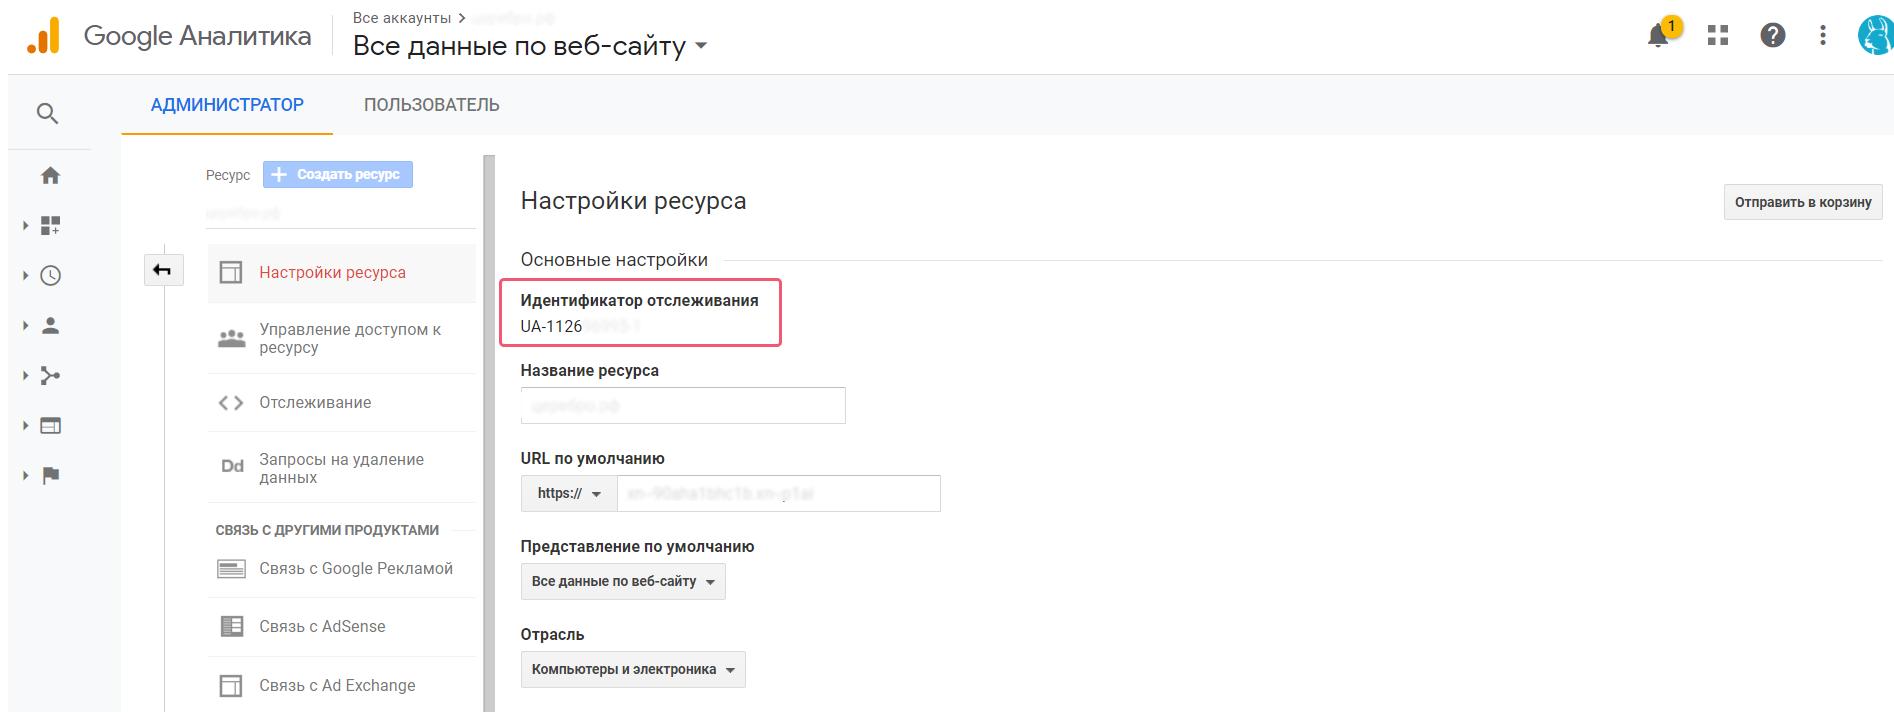 Идентификатор в Google Analytics